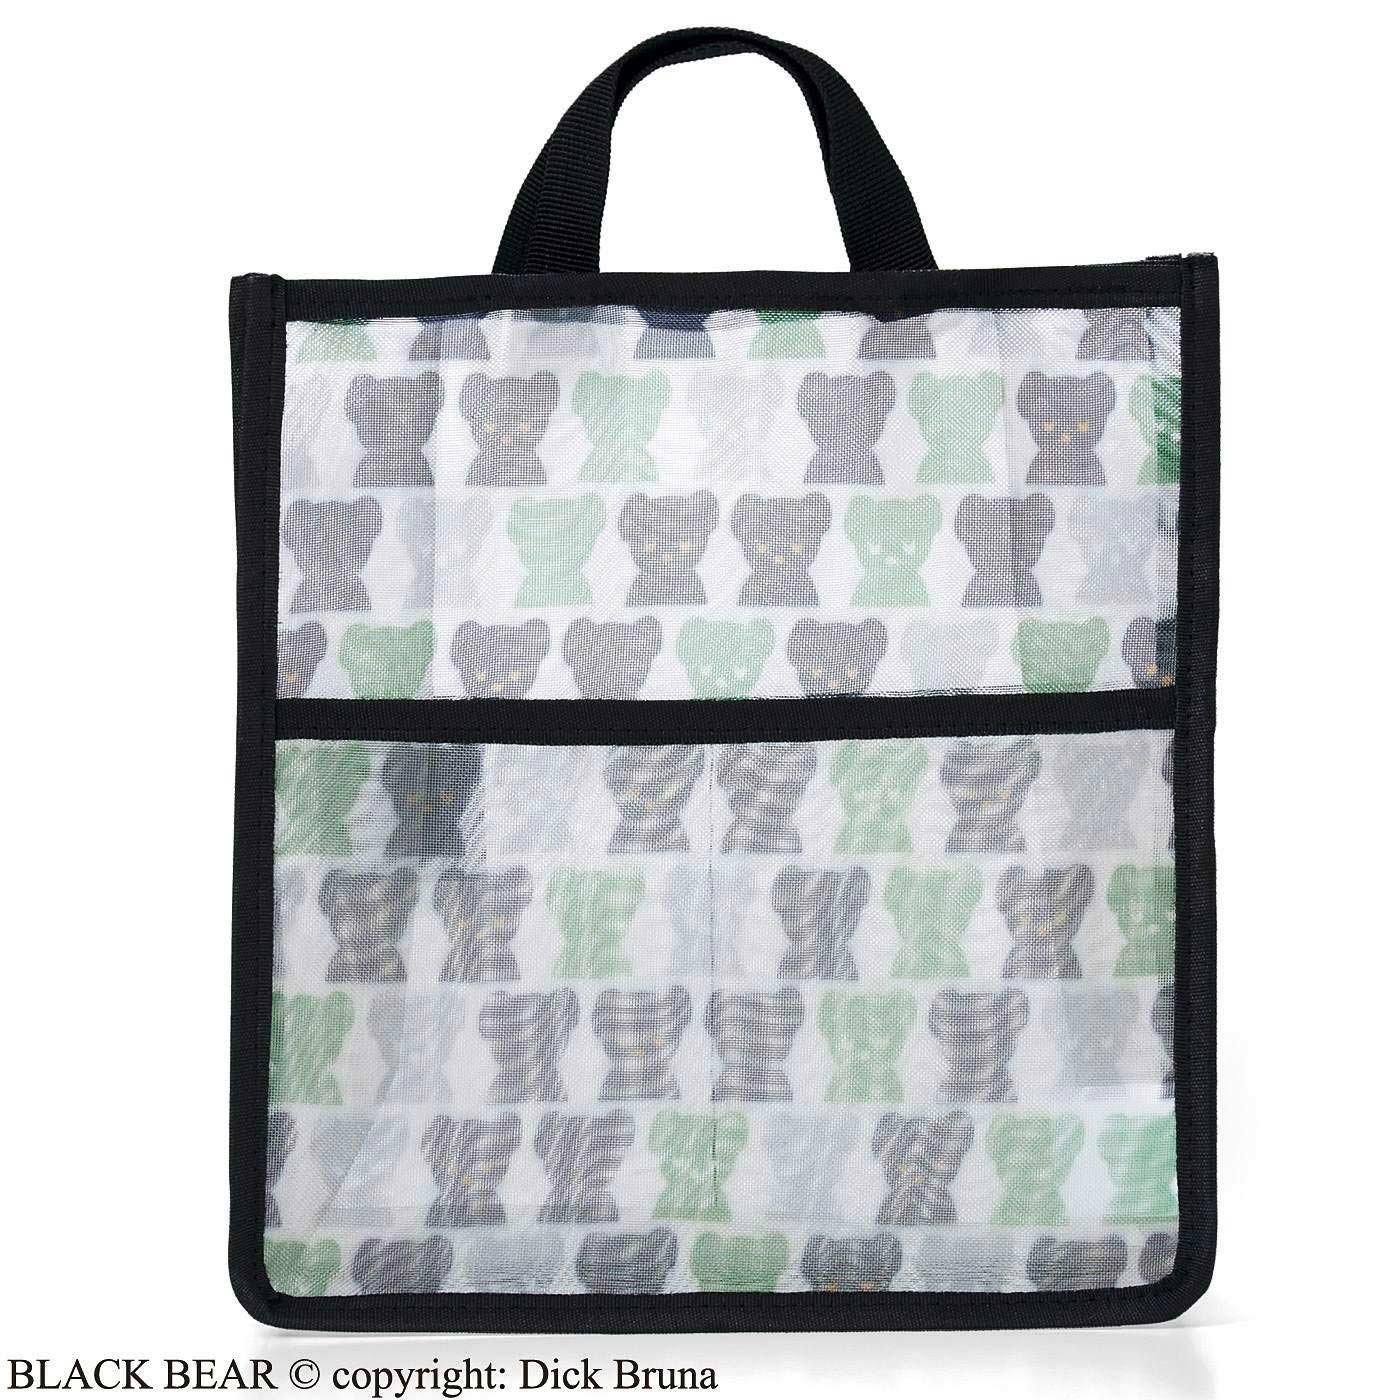 ブラック・ベア スパポーチにもなるメッシュ素材のバッグインバッグ